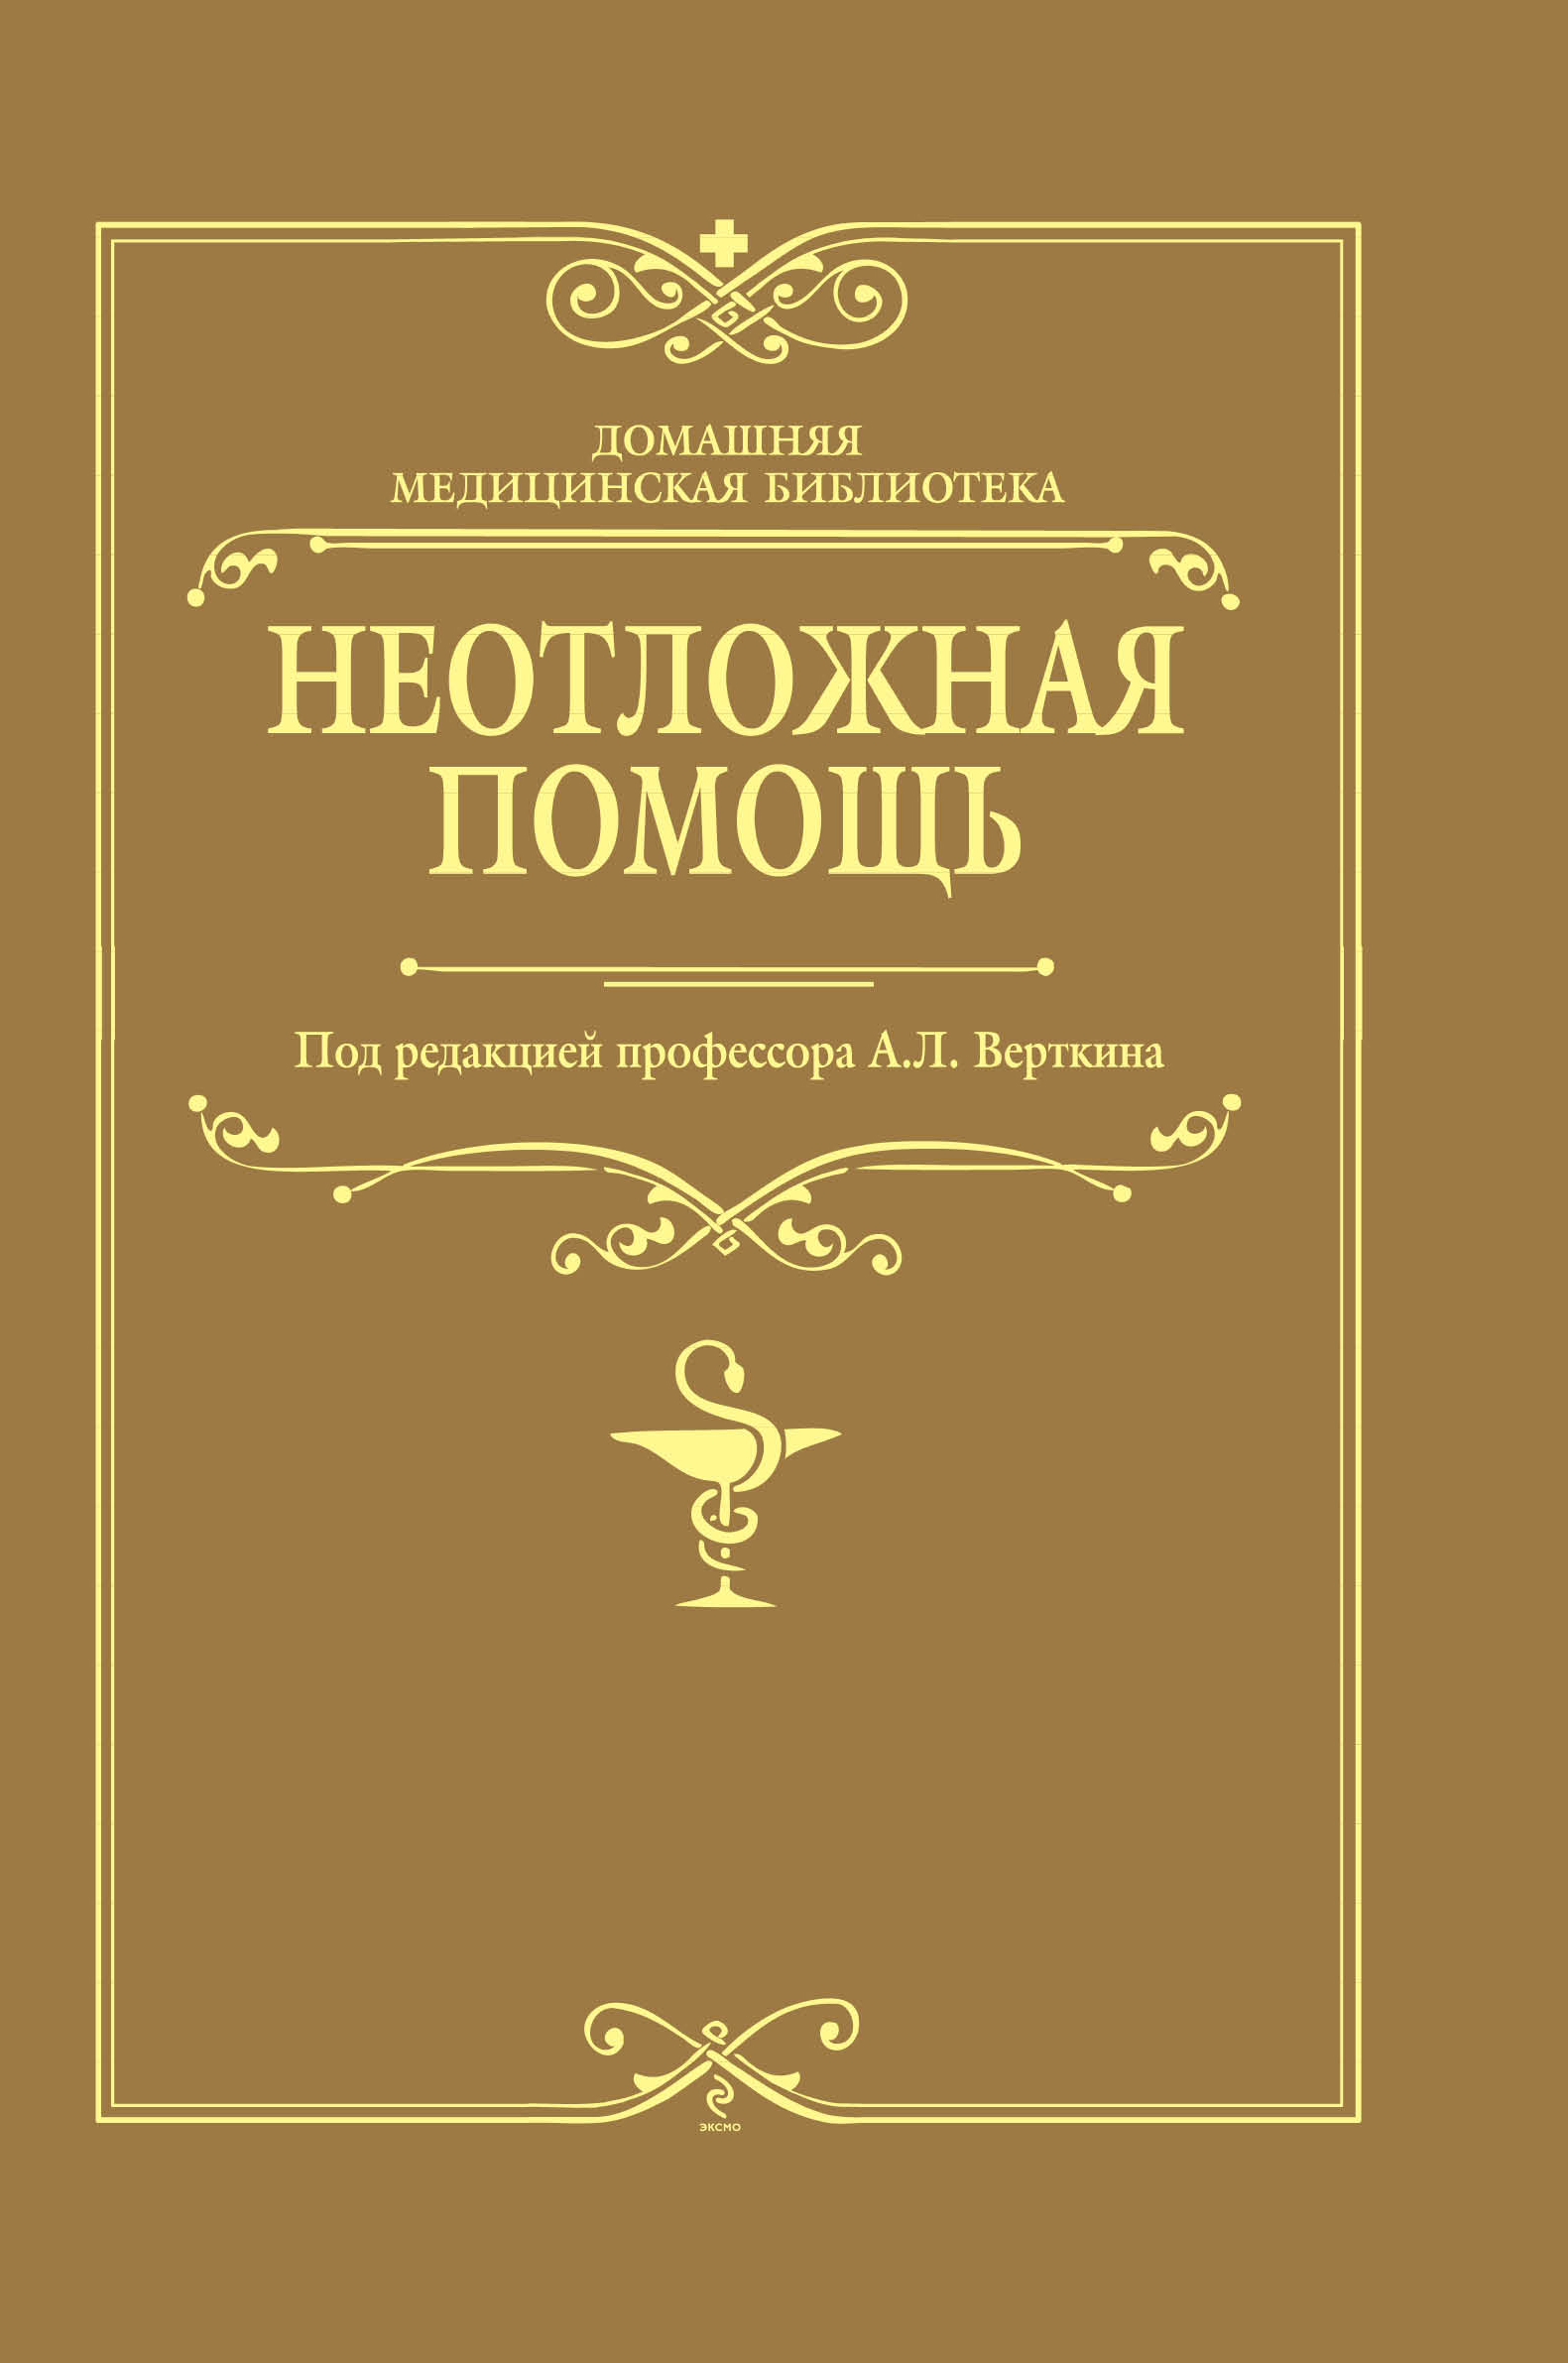 Неотложная помощь от book24.ru